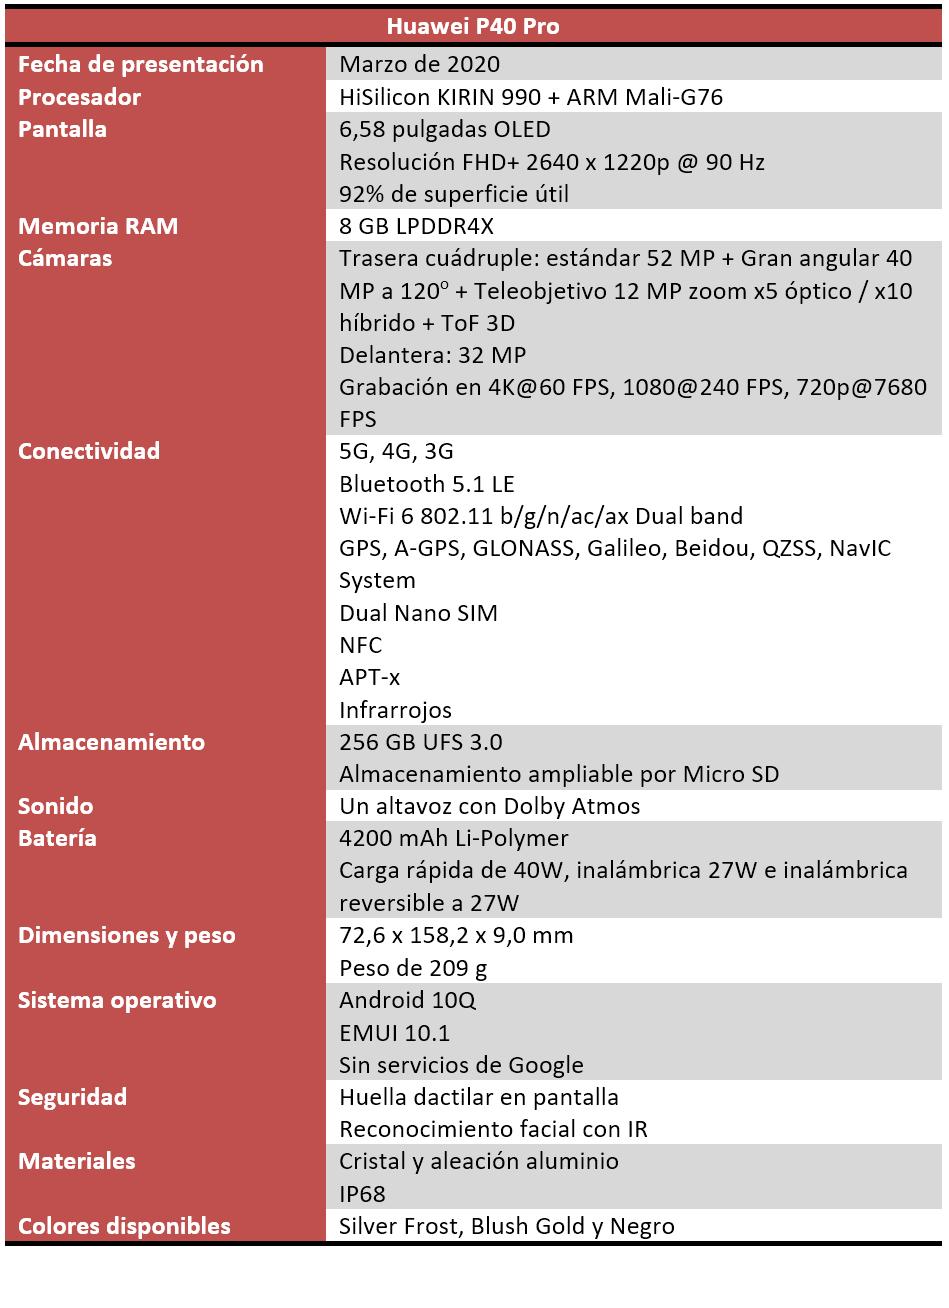 Huawei P40 Pro Características